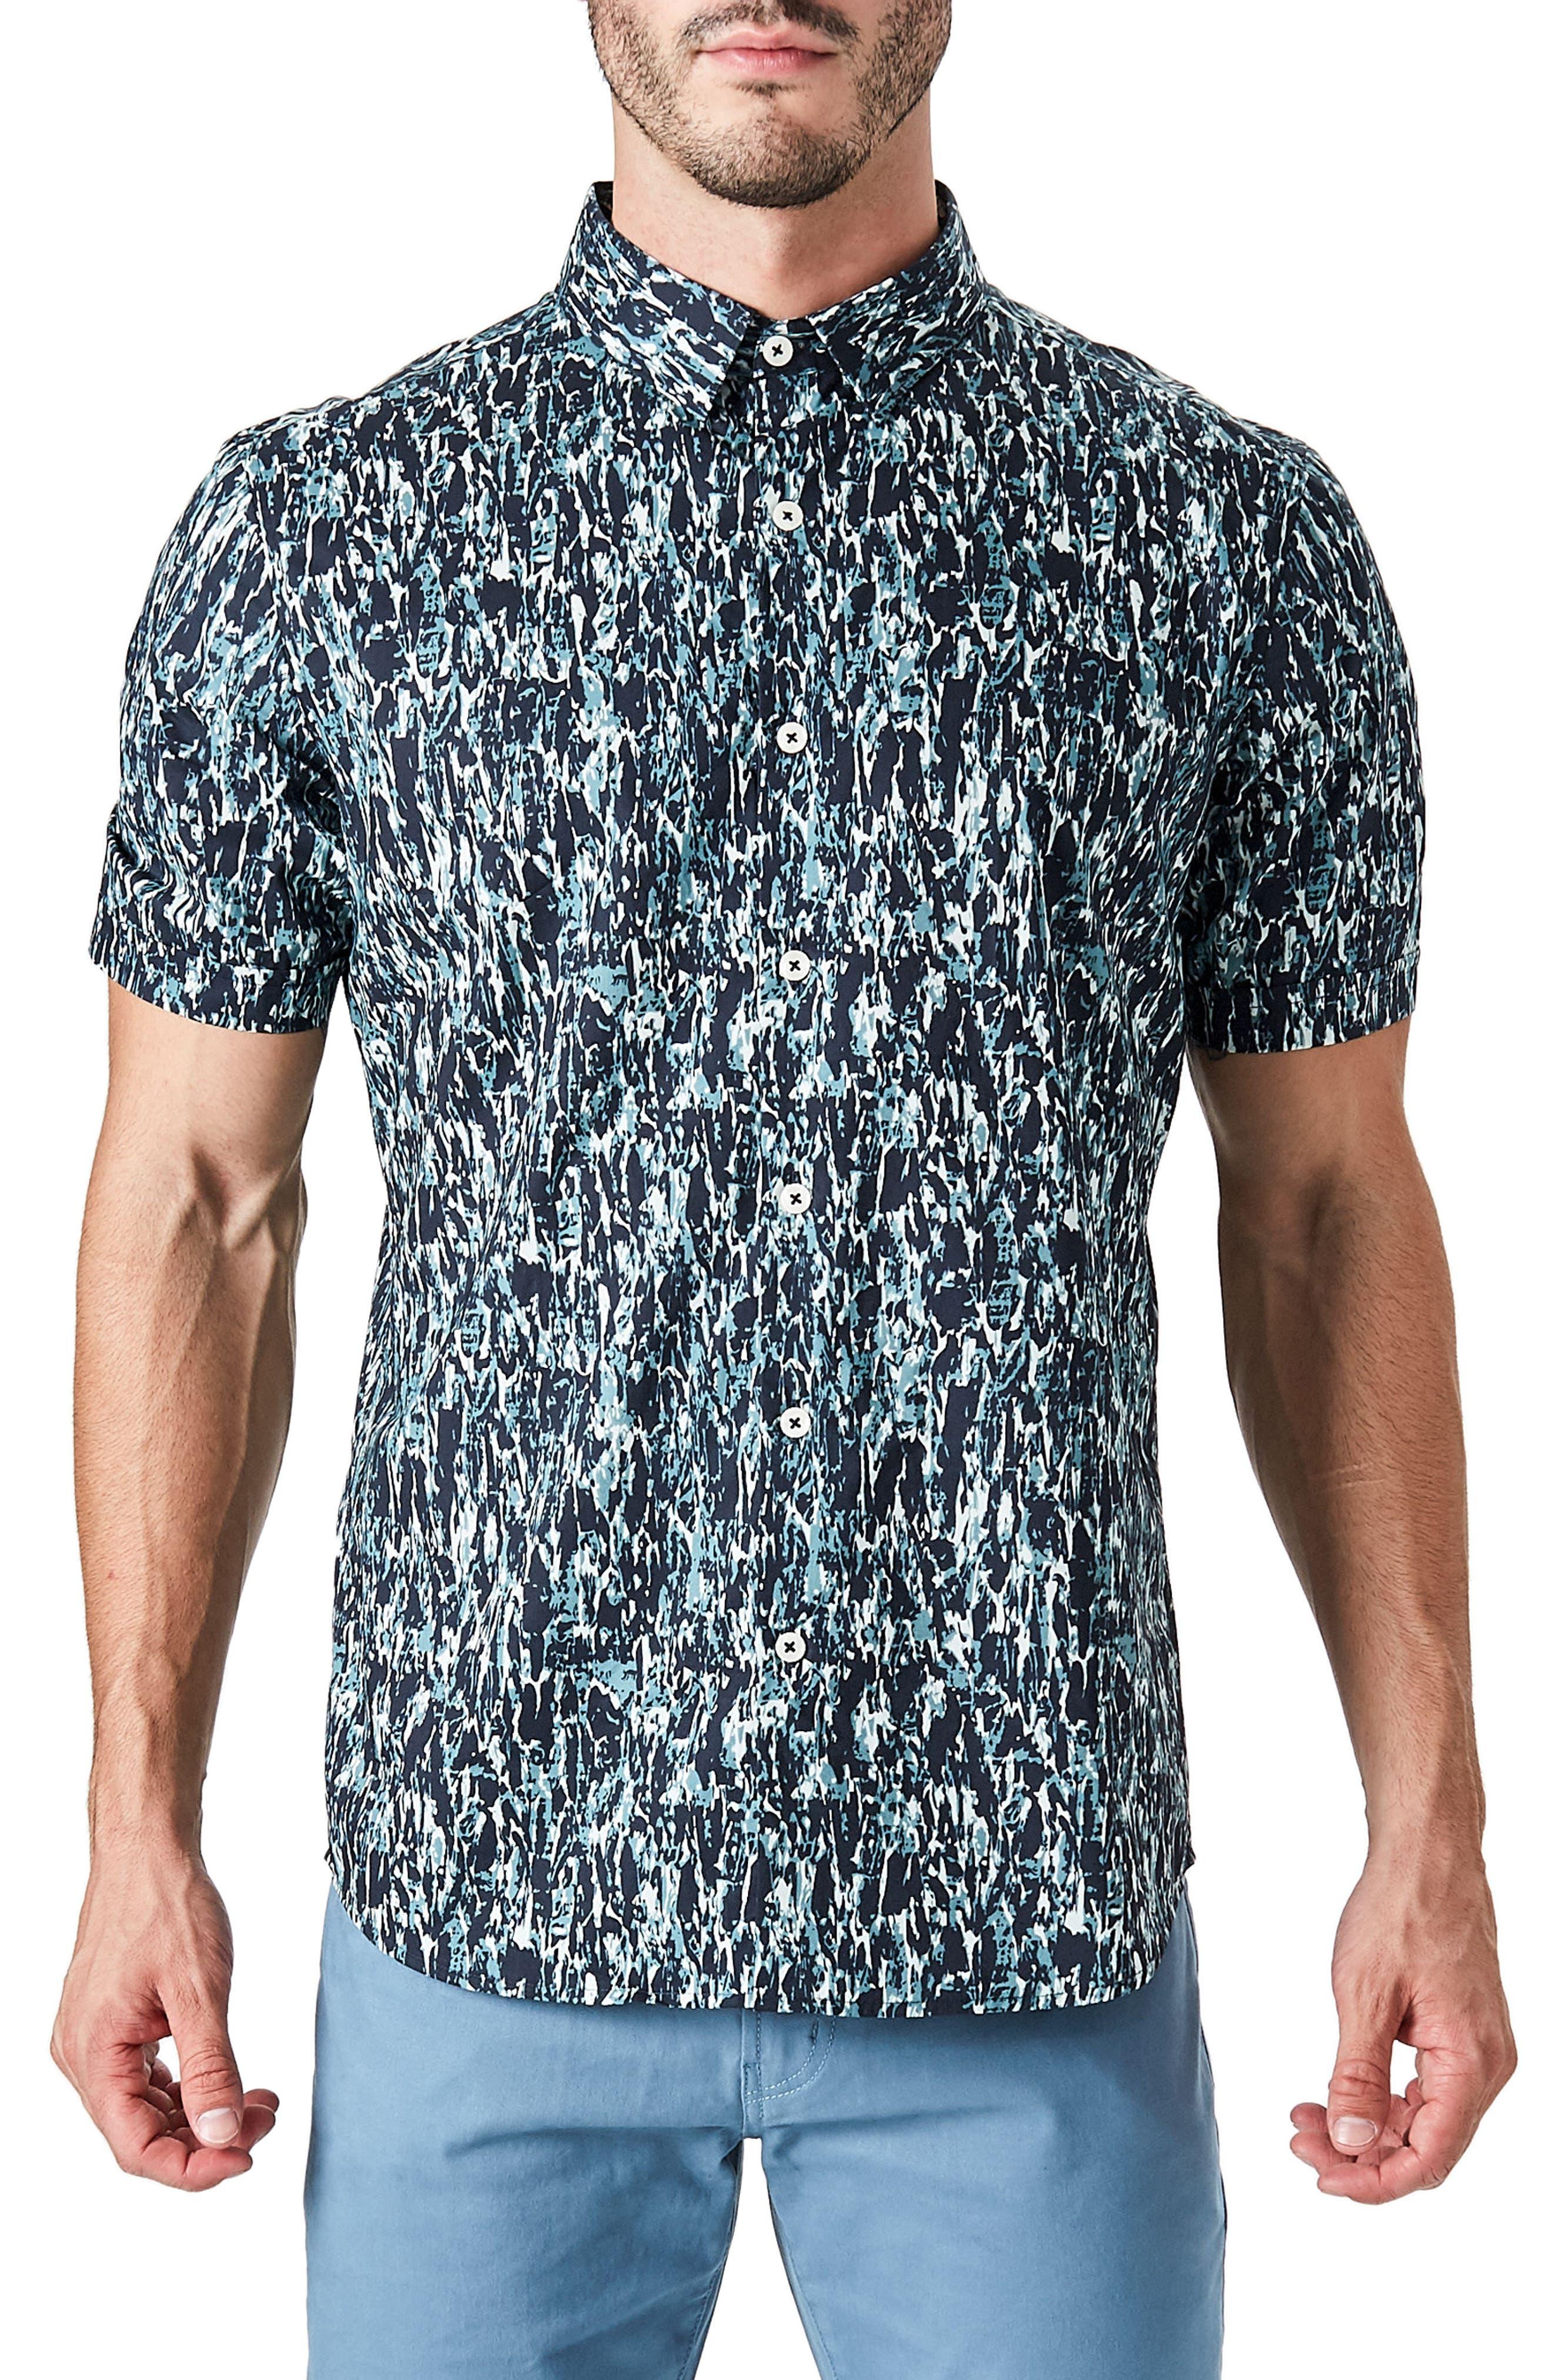 Main Image - 7 Diamonds Universal Sound Woven Shirt